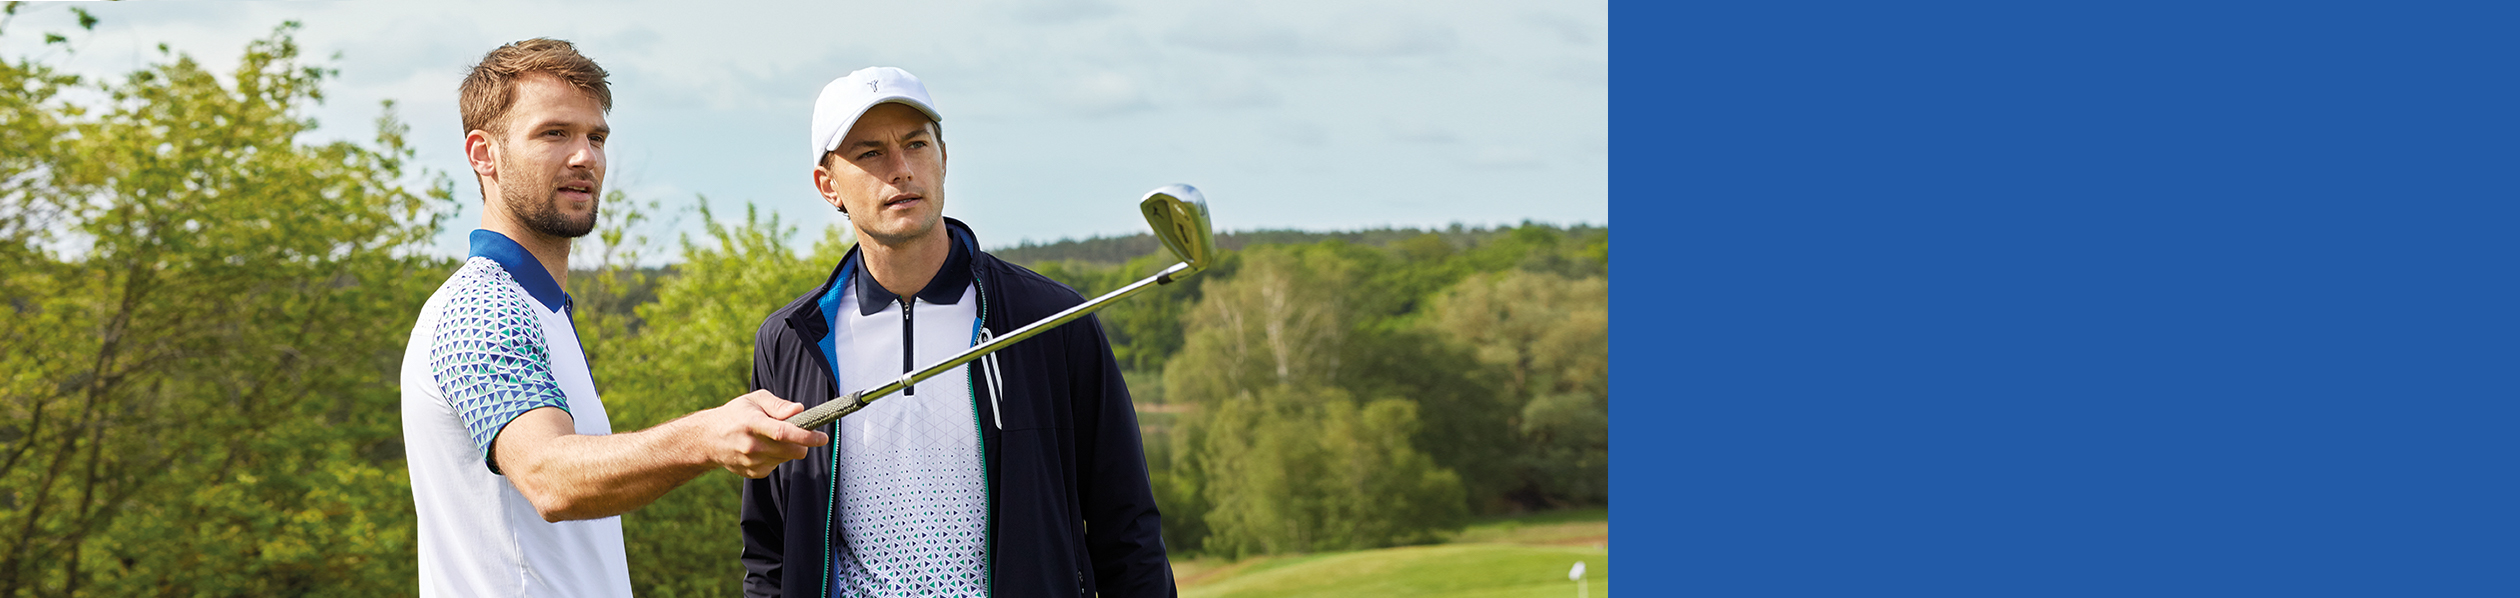 Golfjacken